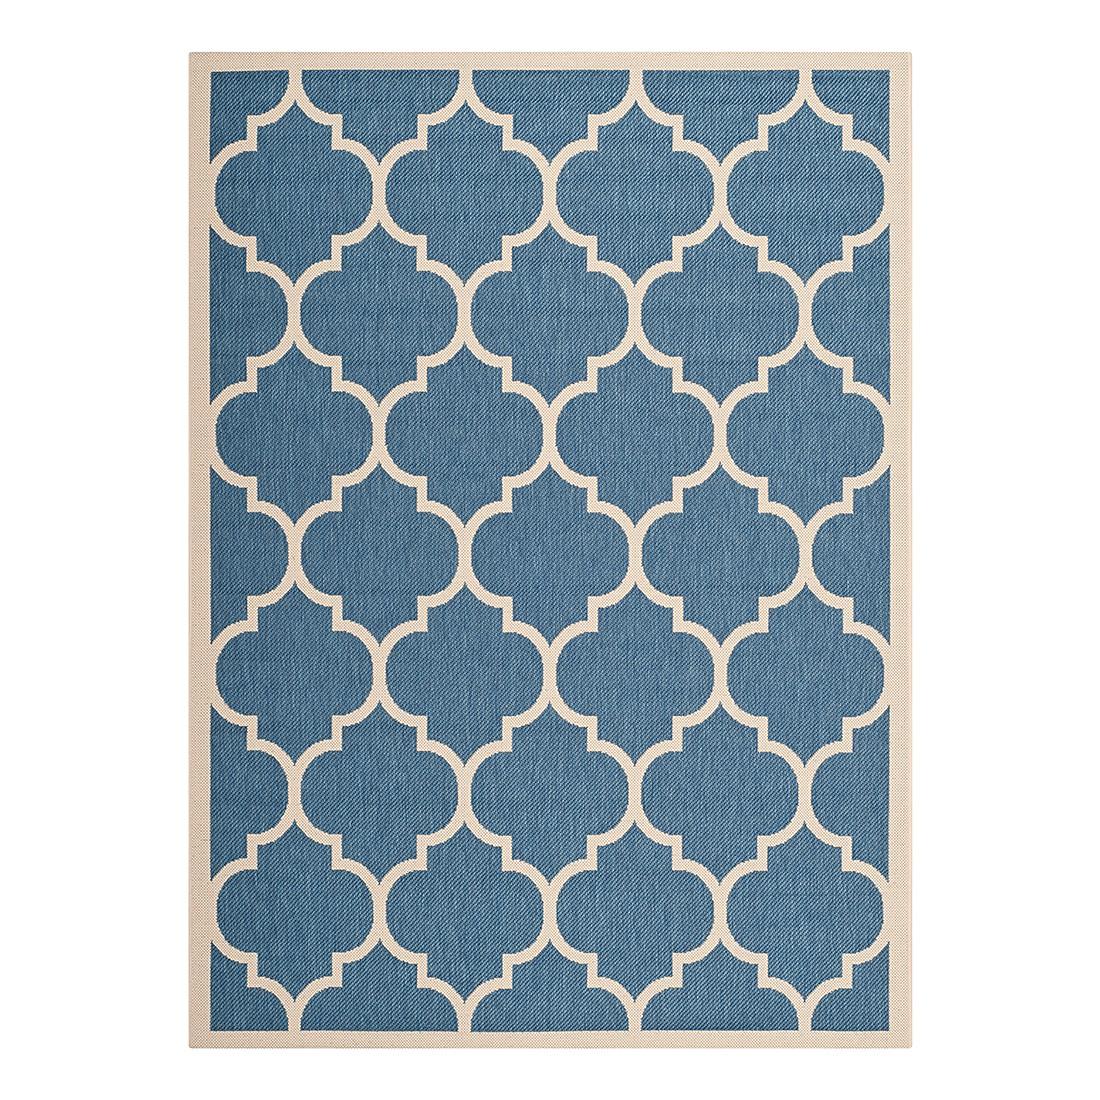 In-/Outdoorteppich Monaco – Blau/Beige – Maße: 60 x 109 cm, Safavieh online bestellen